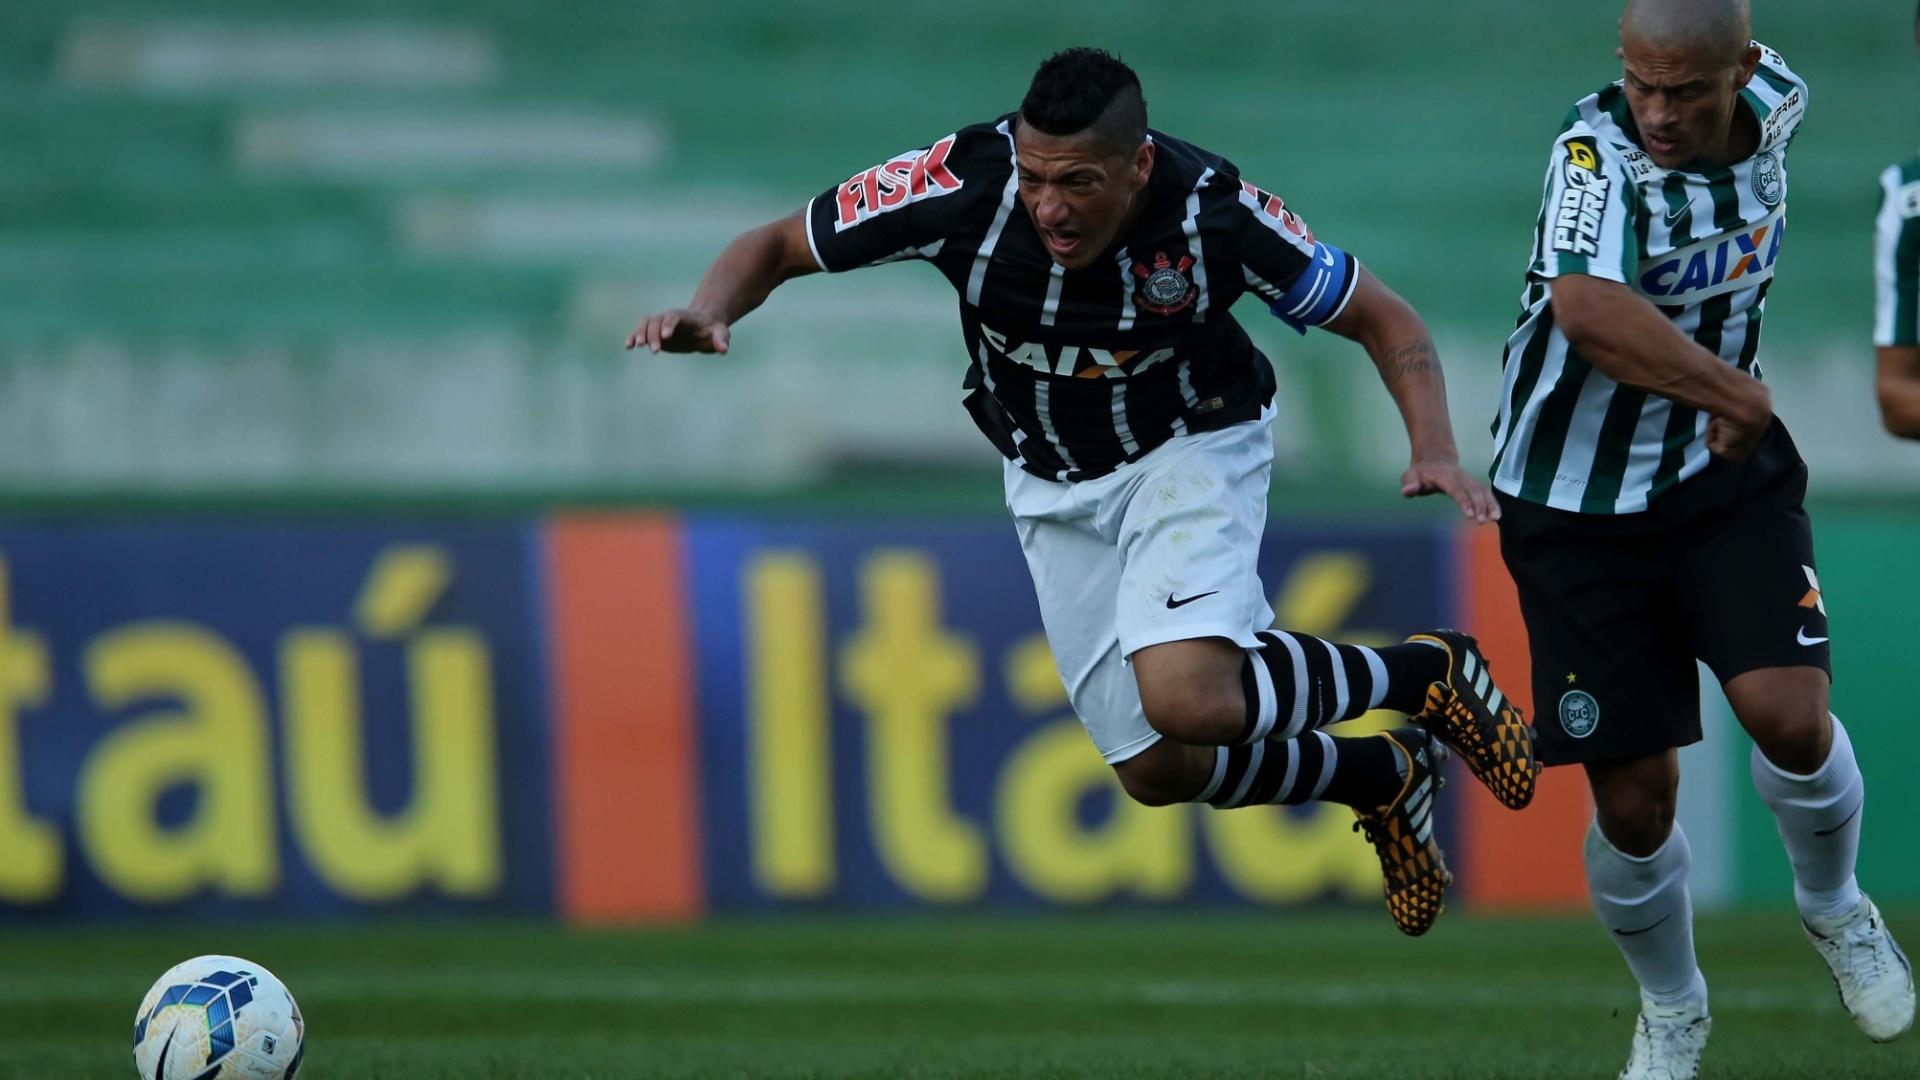 Alex derruba Ralf em partida entre Corinthians e Coritiba pelo Brasileirão